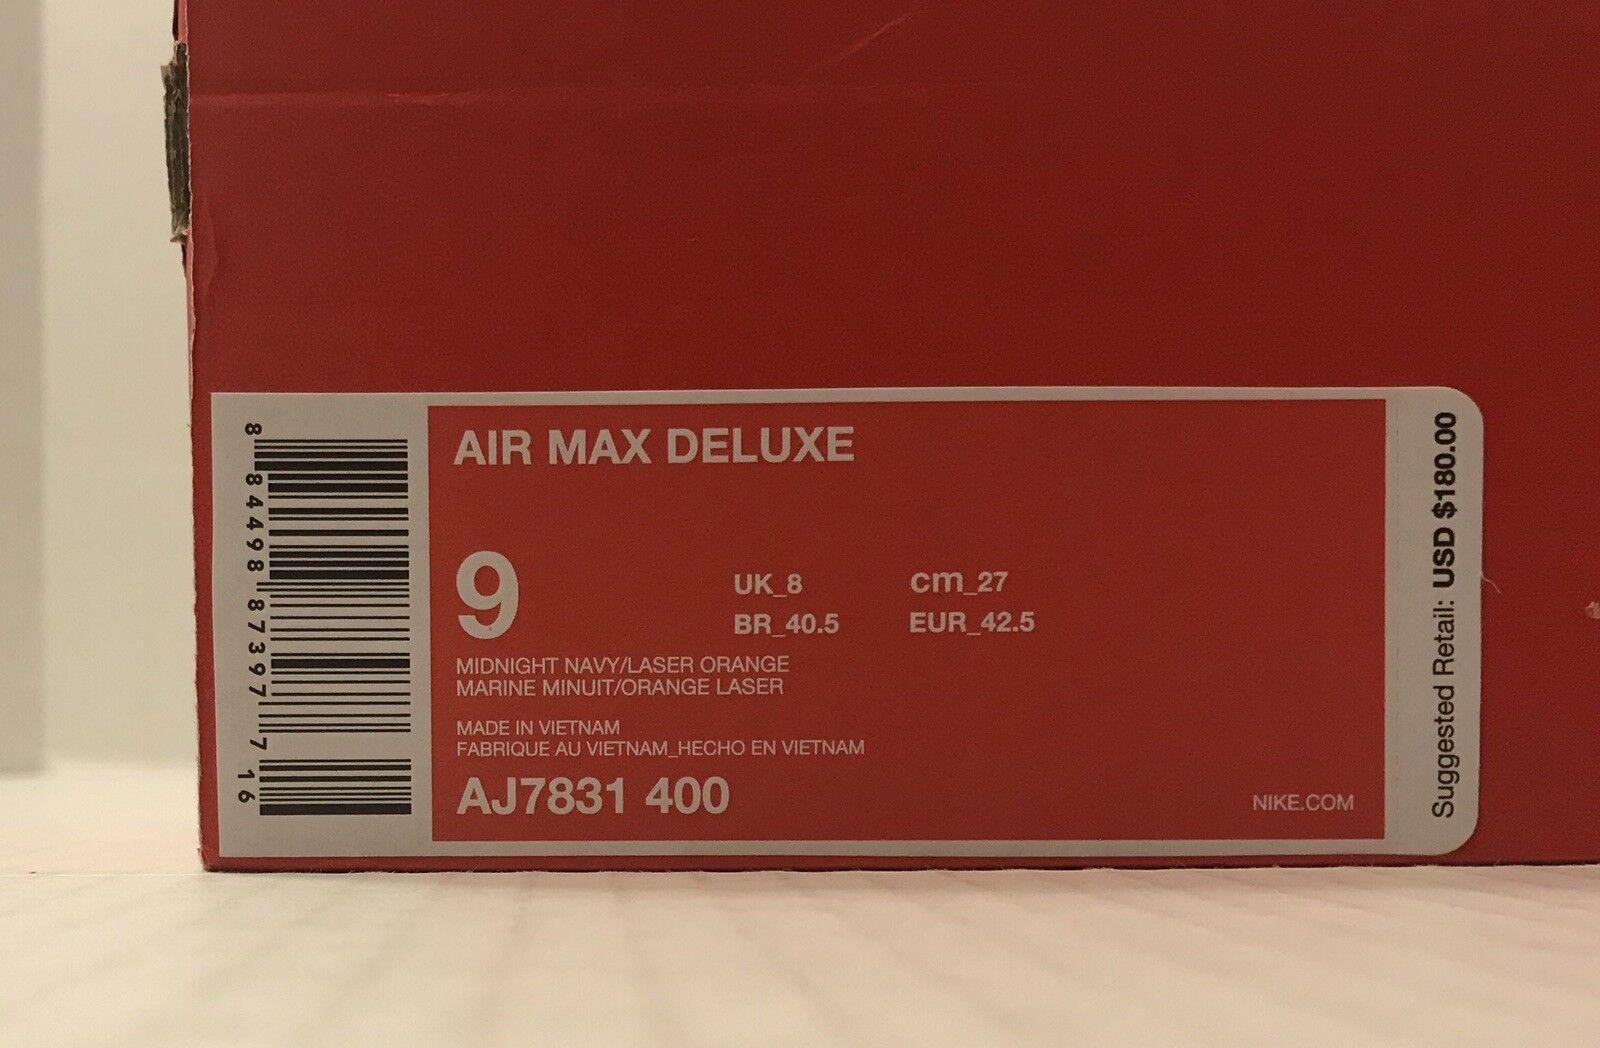 Nike air max deluxe aj7831-400 mitternacht navy / laser laser laser - orange (männer)   ohne deckel 12fa6d